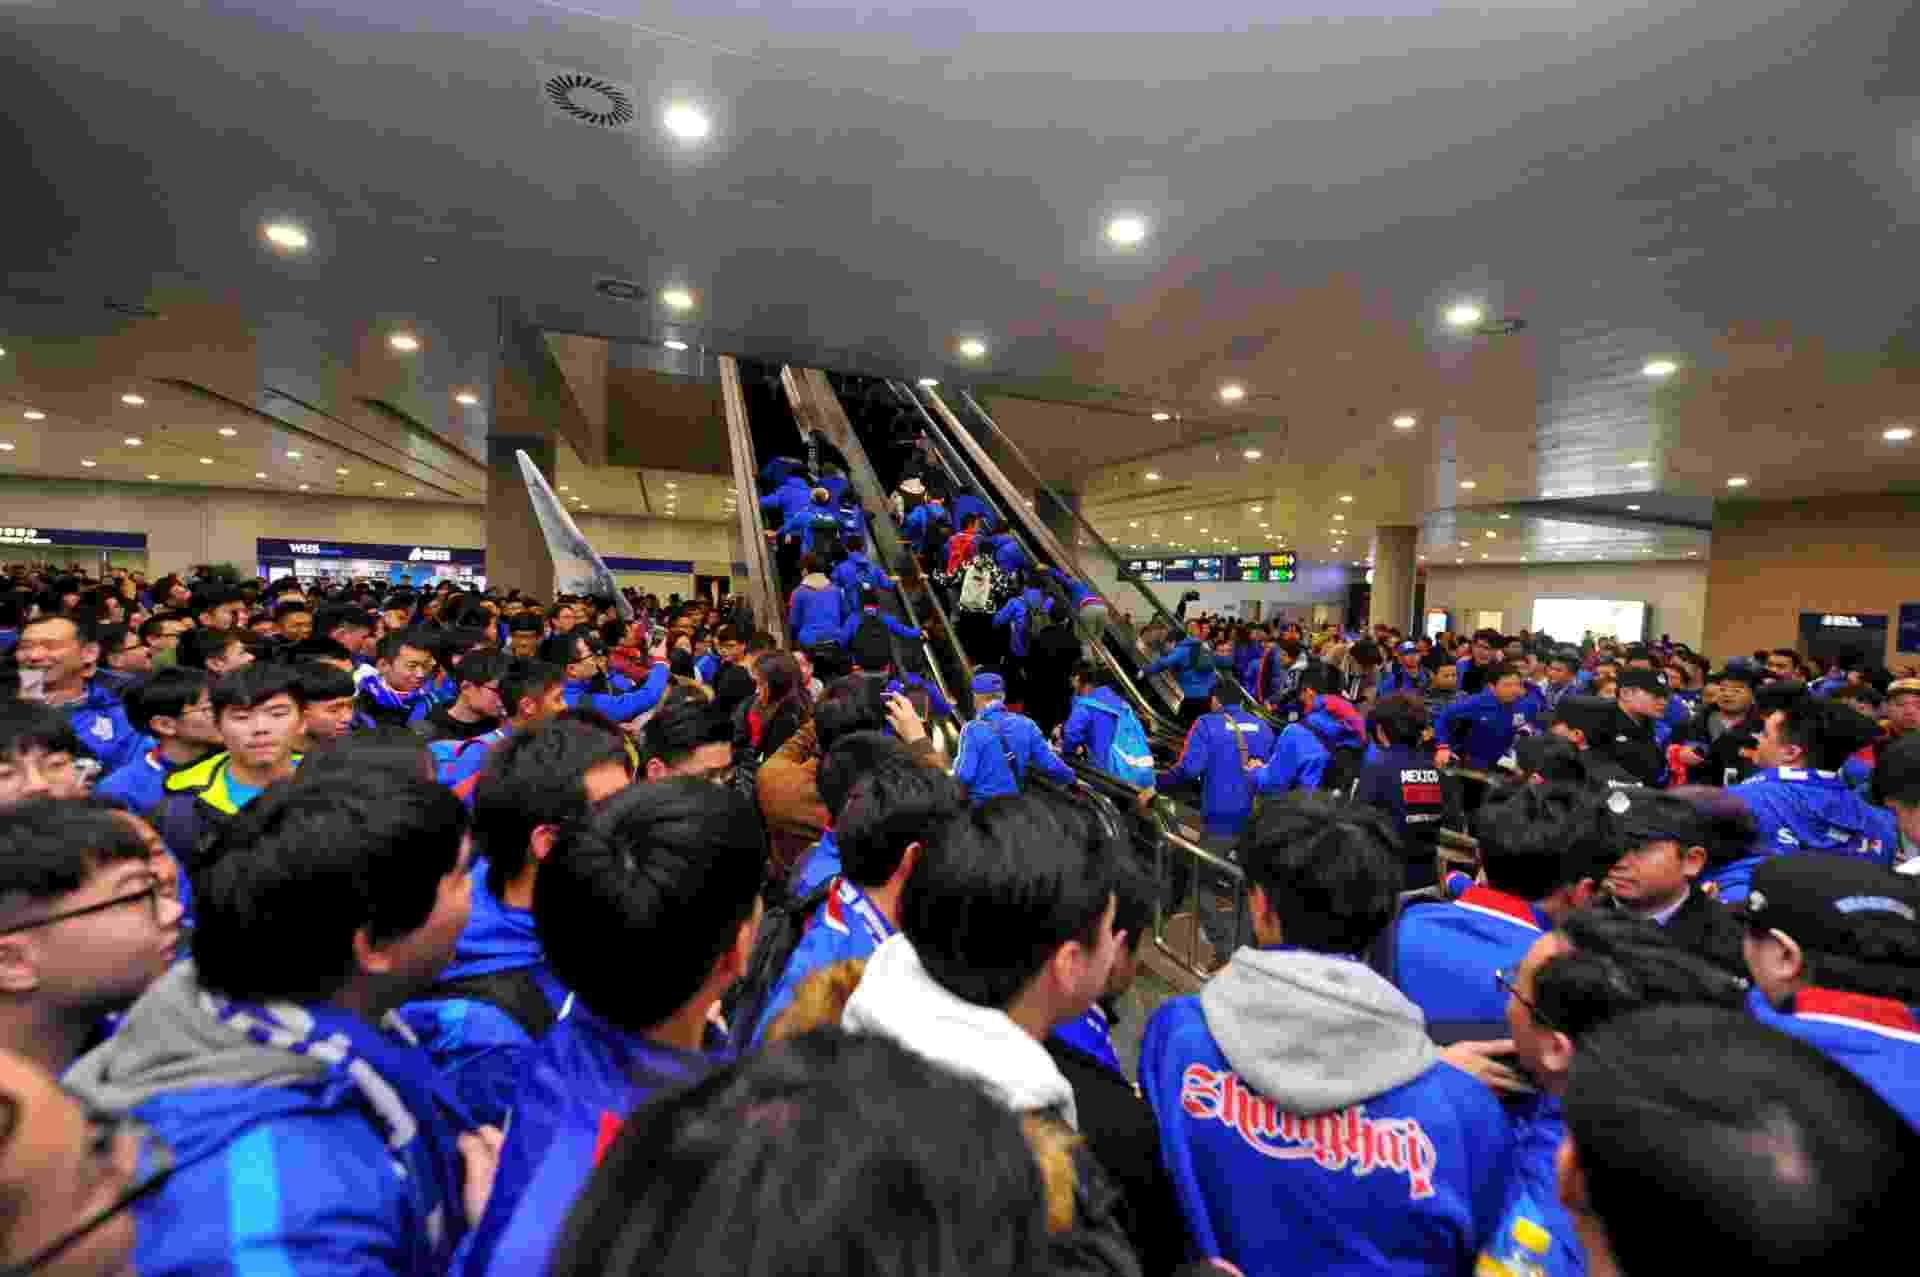 Centenas de torcedores comparecem ao aeroporto de Xangai para receber Tevez - AFP / STR / China